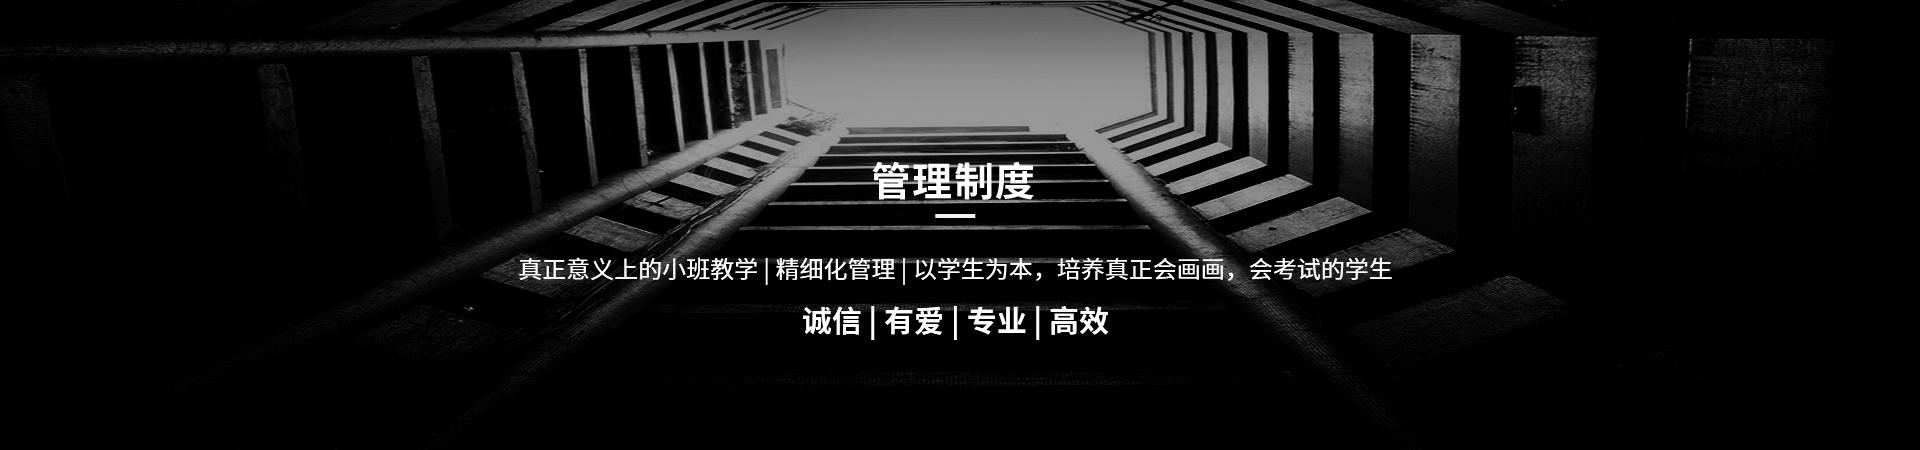 广州围墙画室入学,广州美术培训班,广州画室招生简章